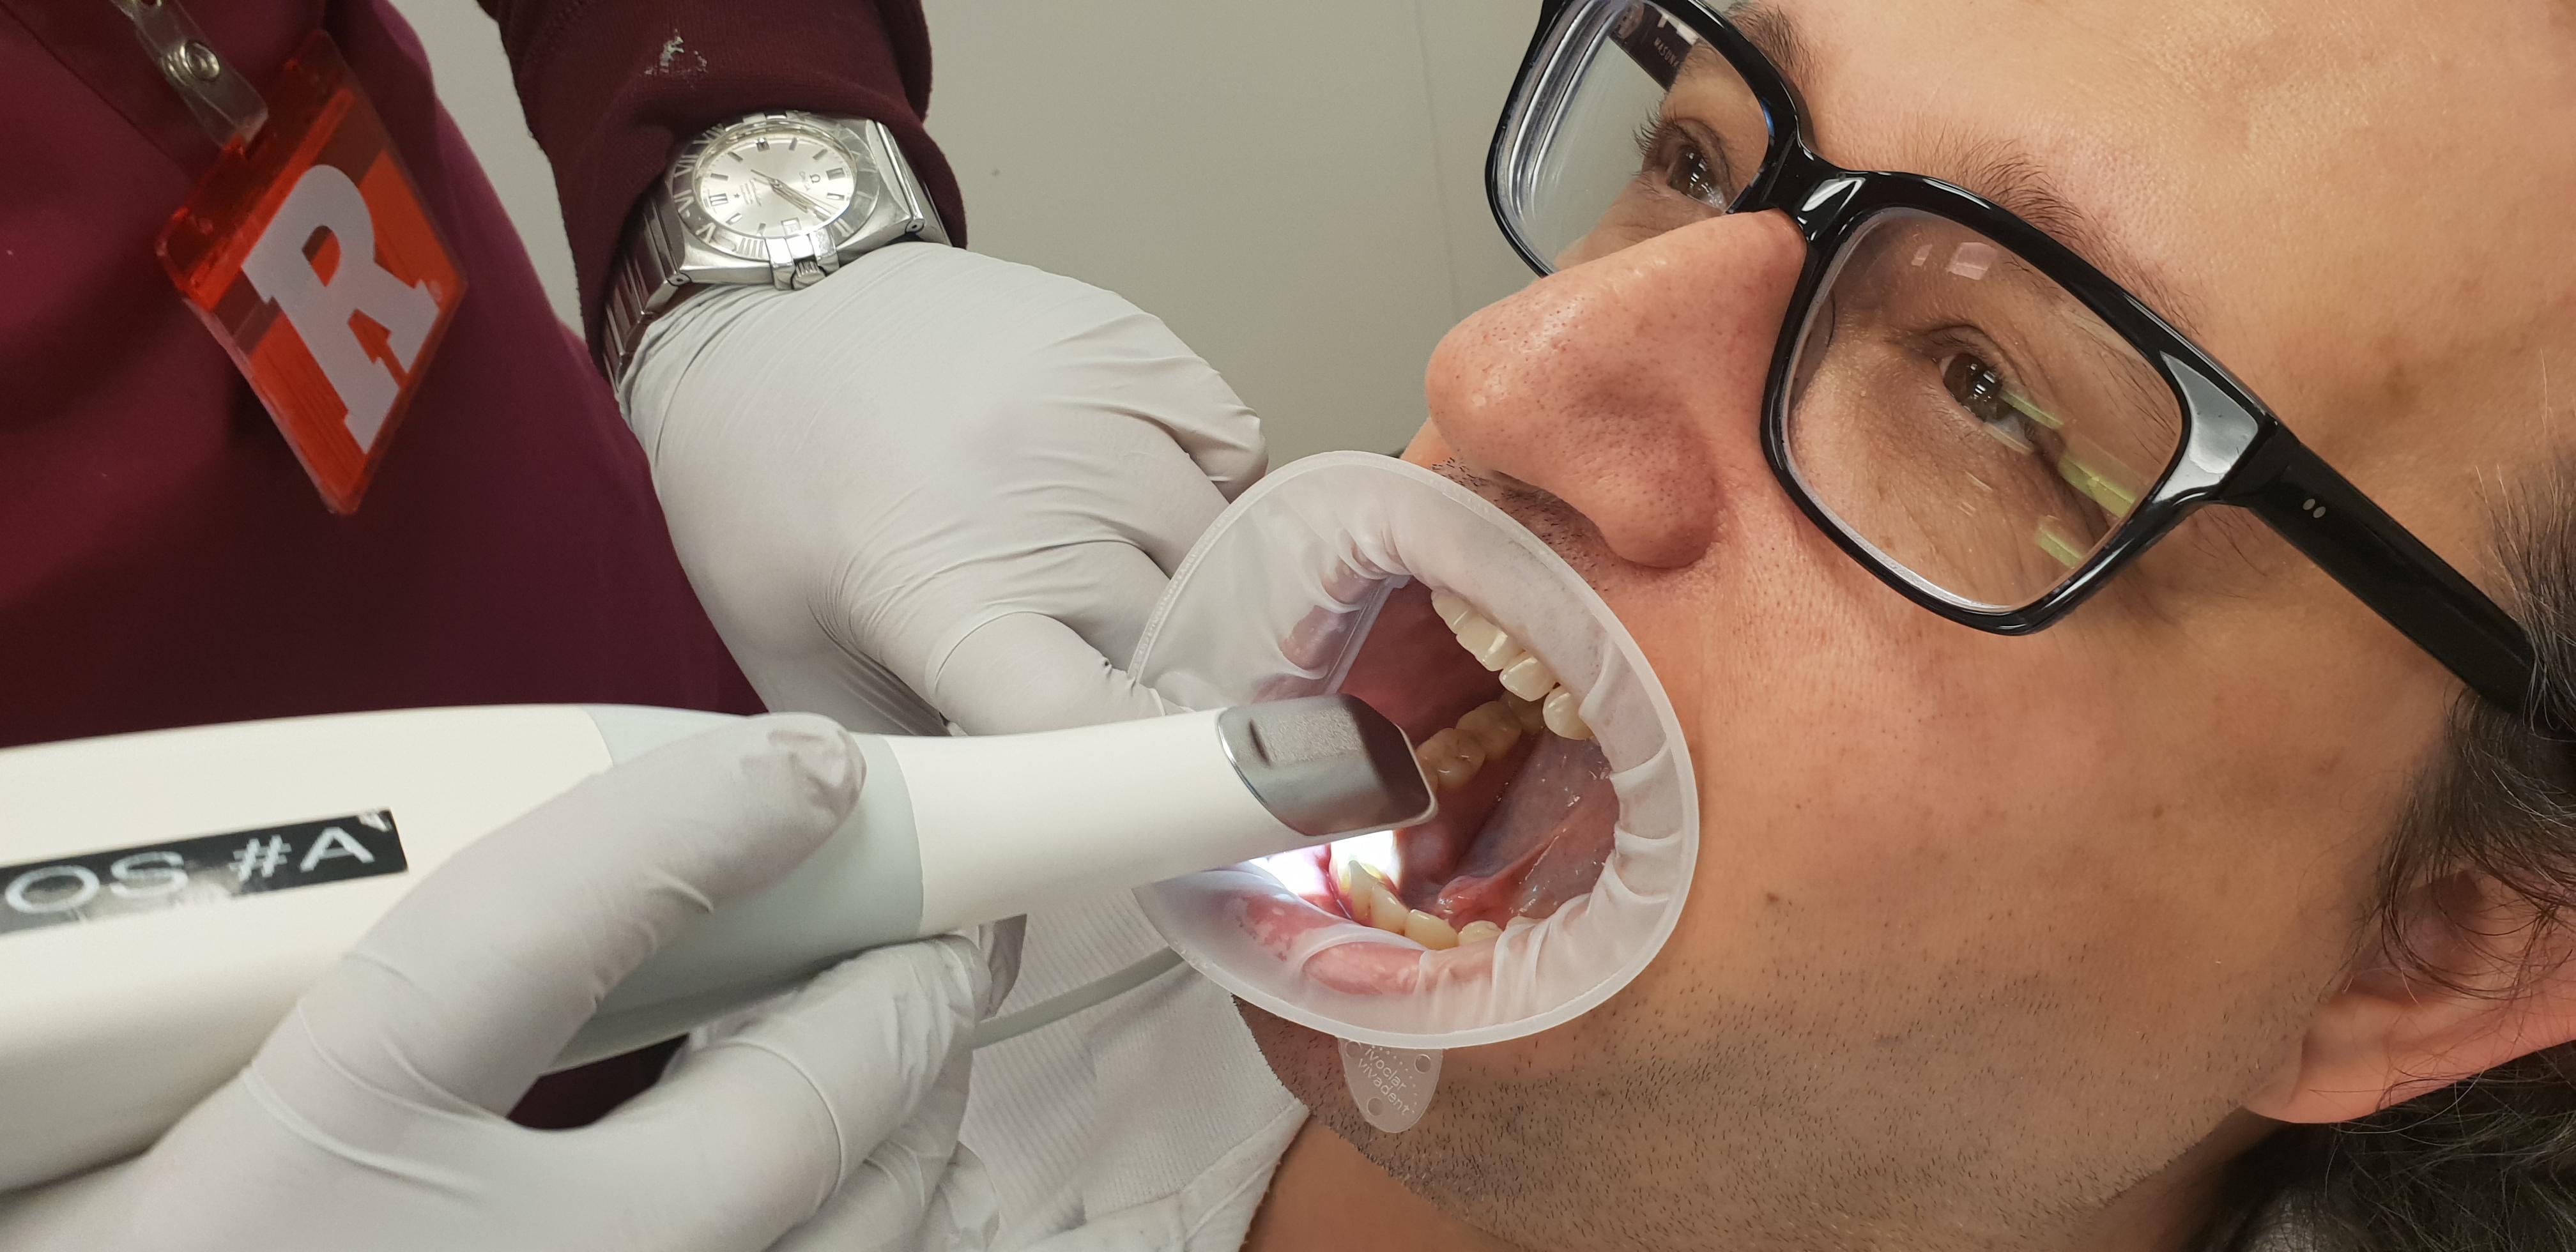 Intral oral scanning